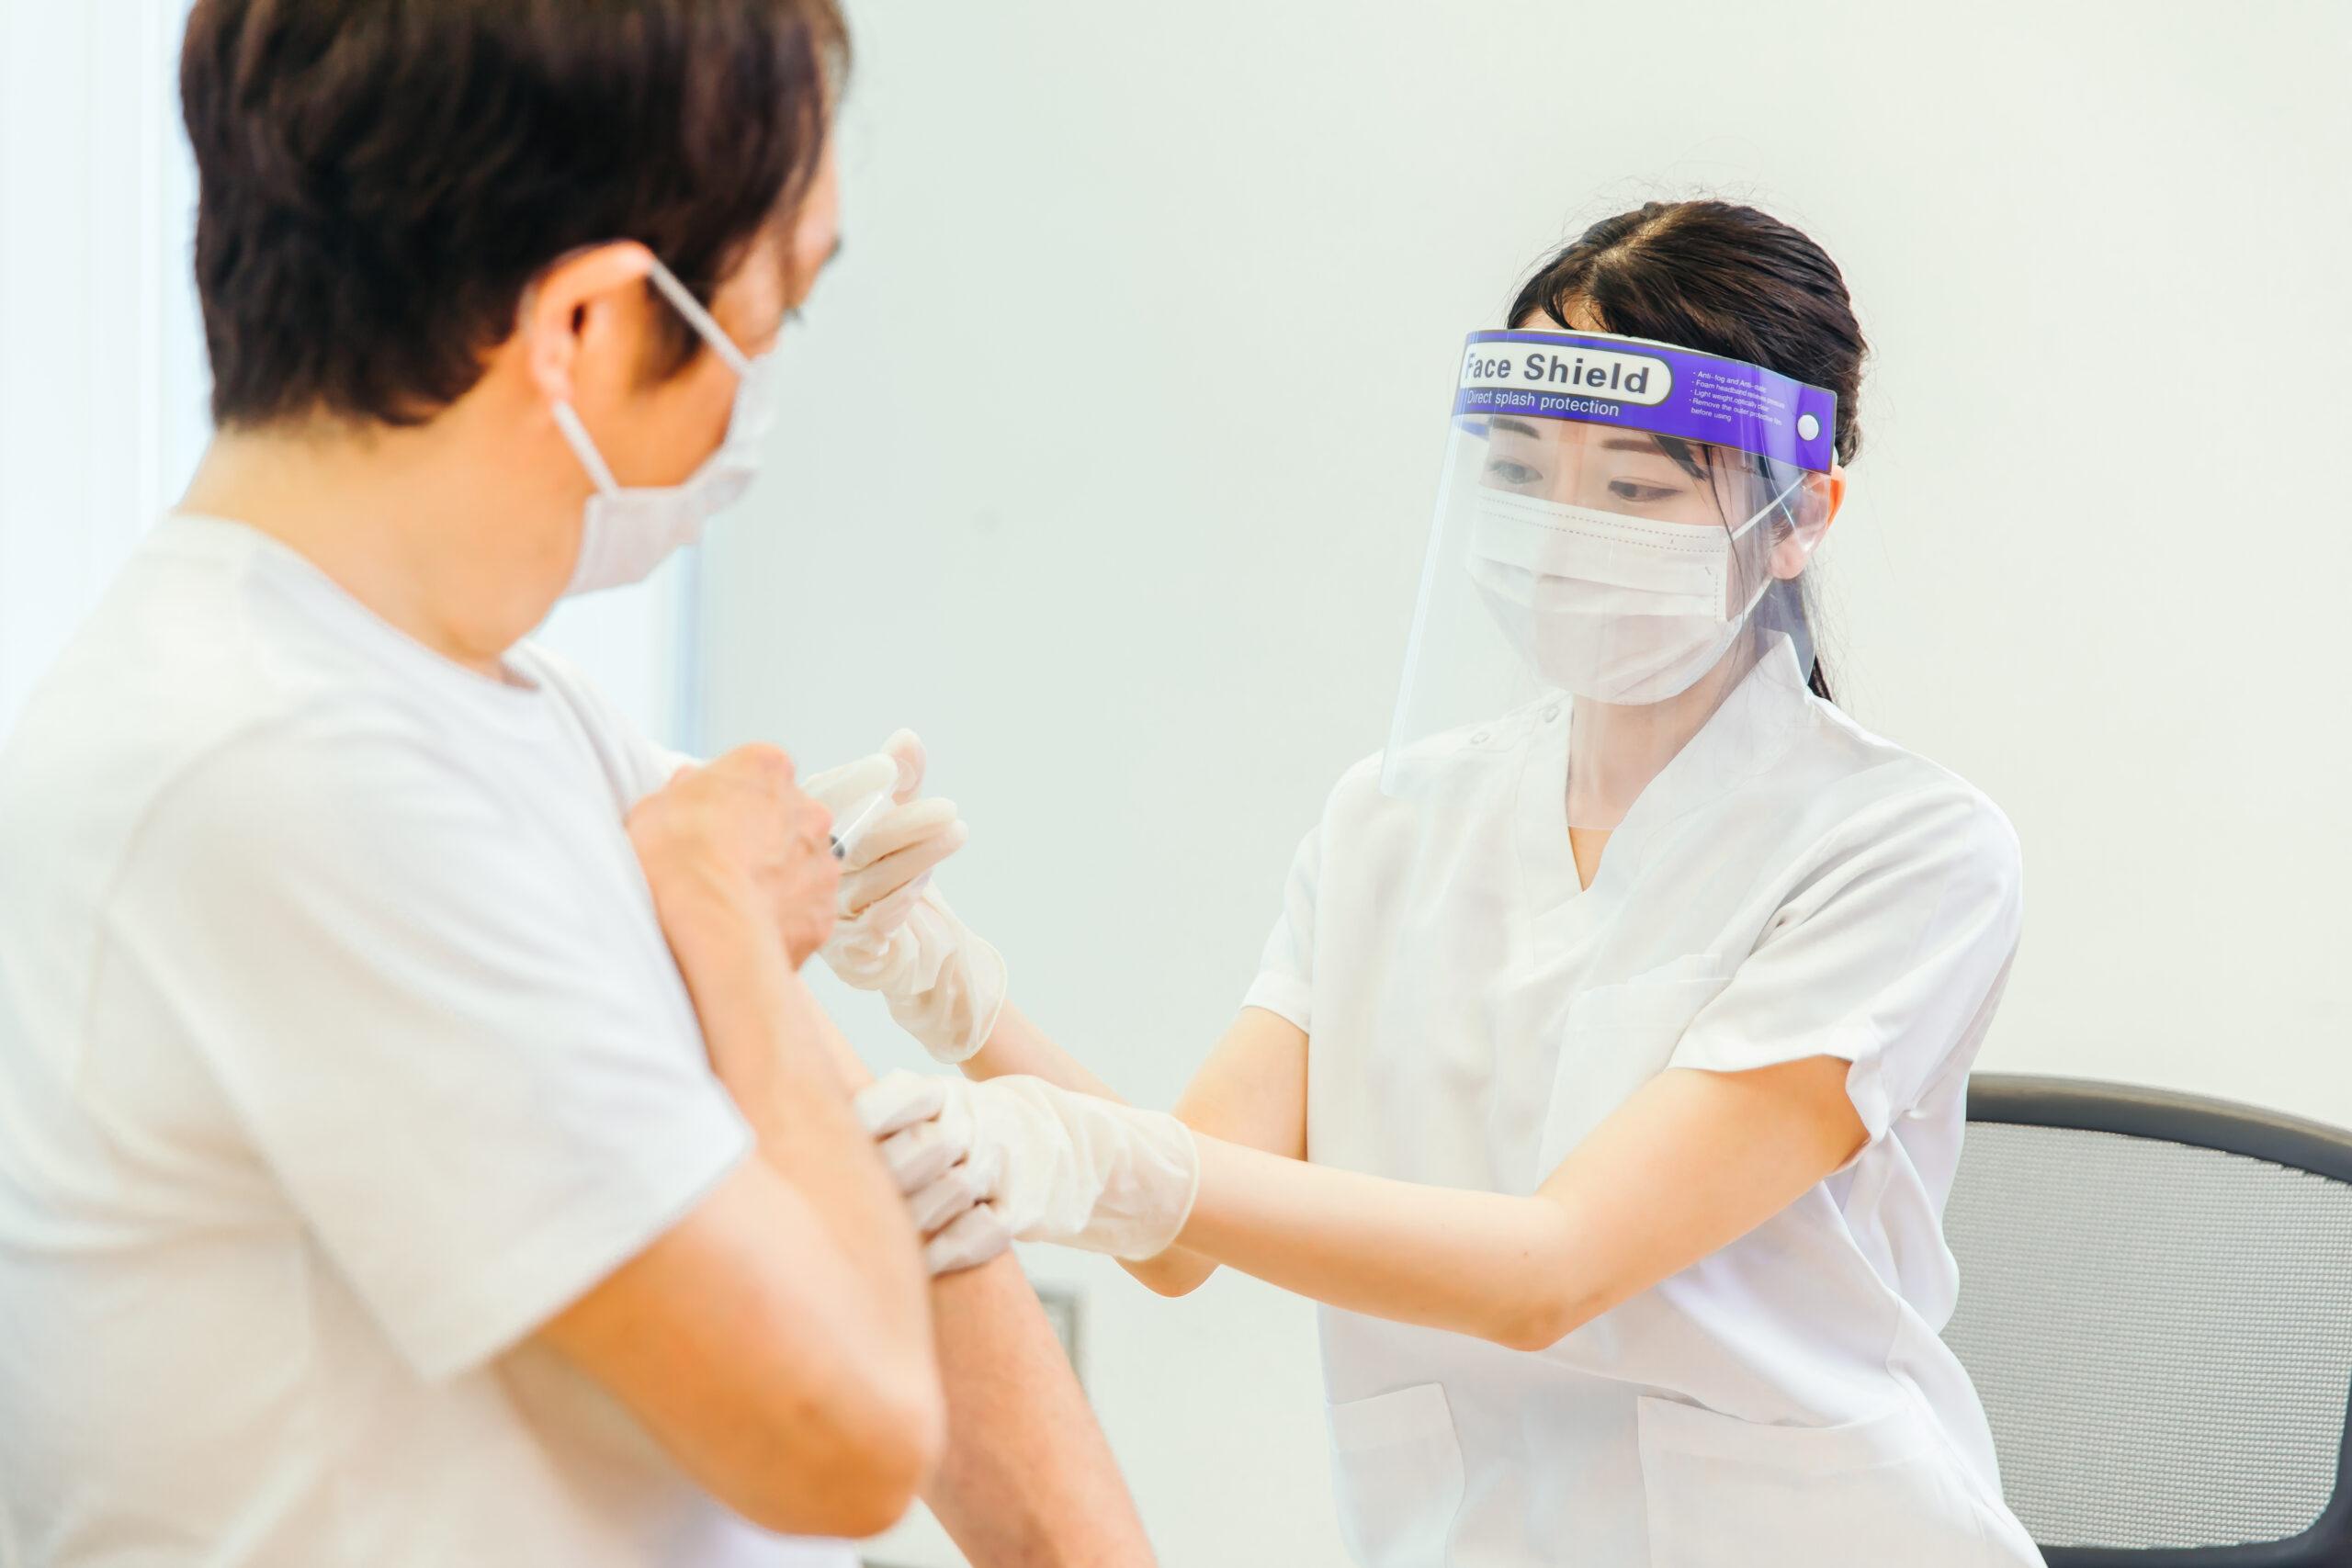 男性にワクチン接種を行う女性の写真